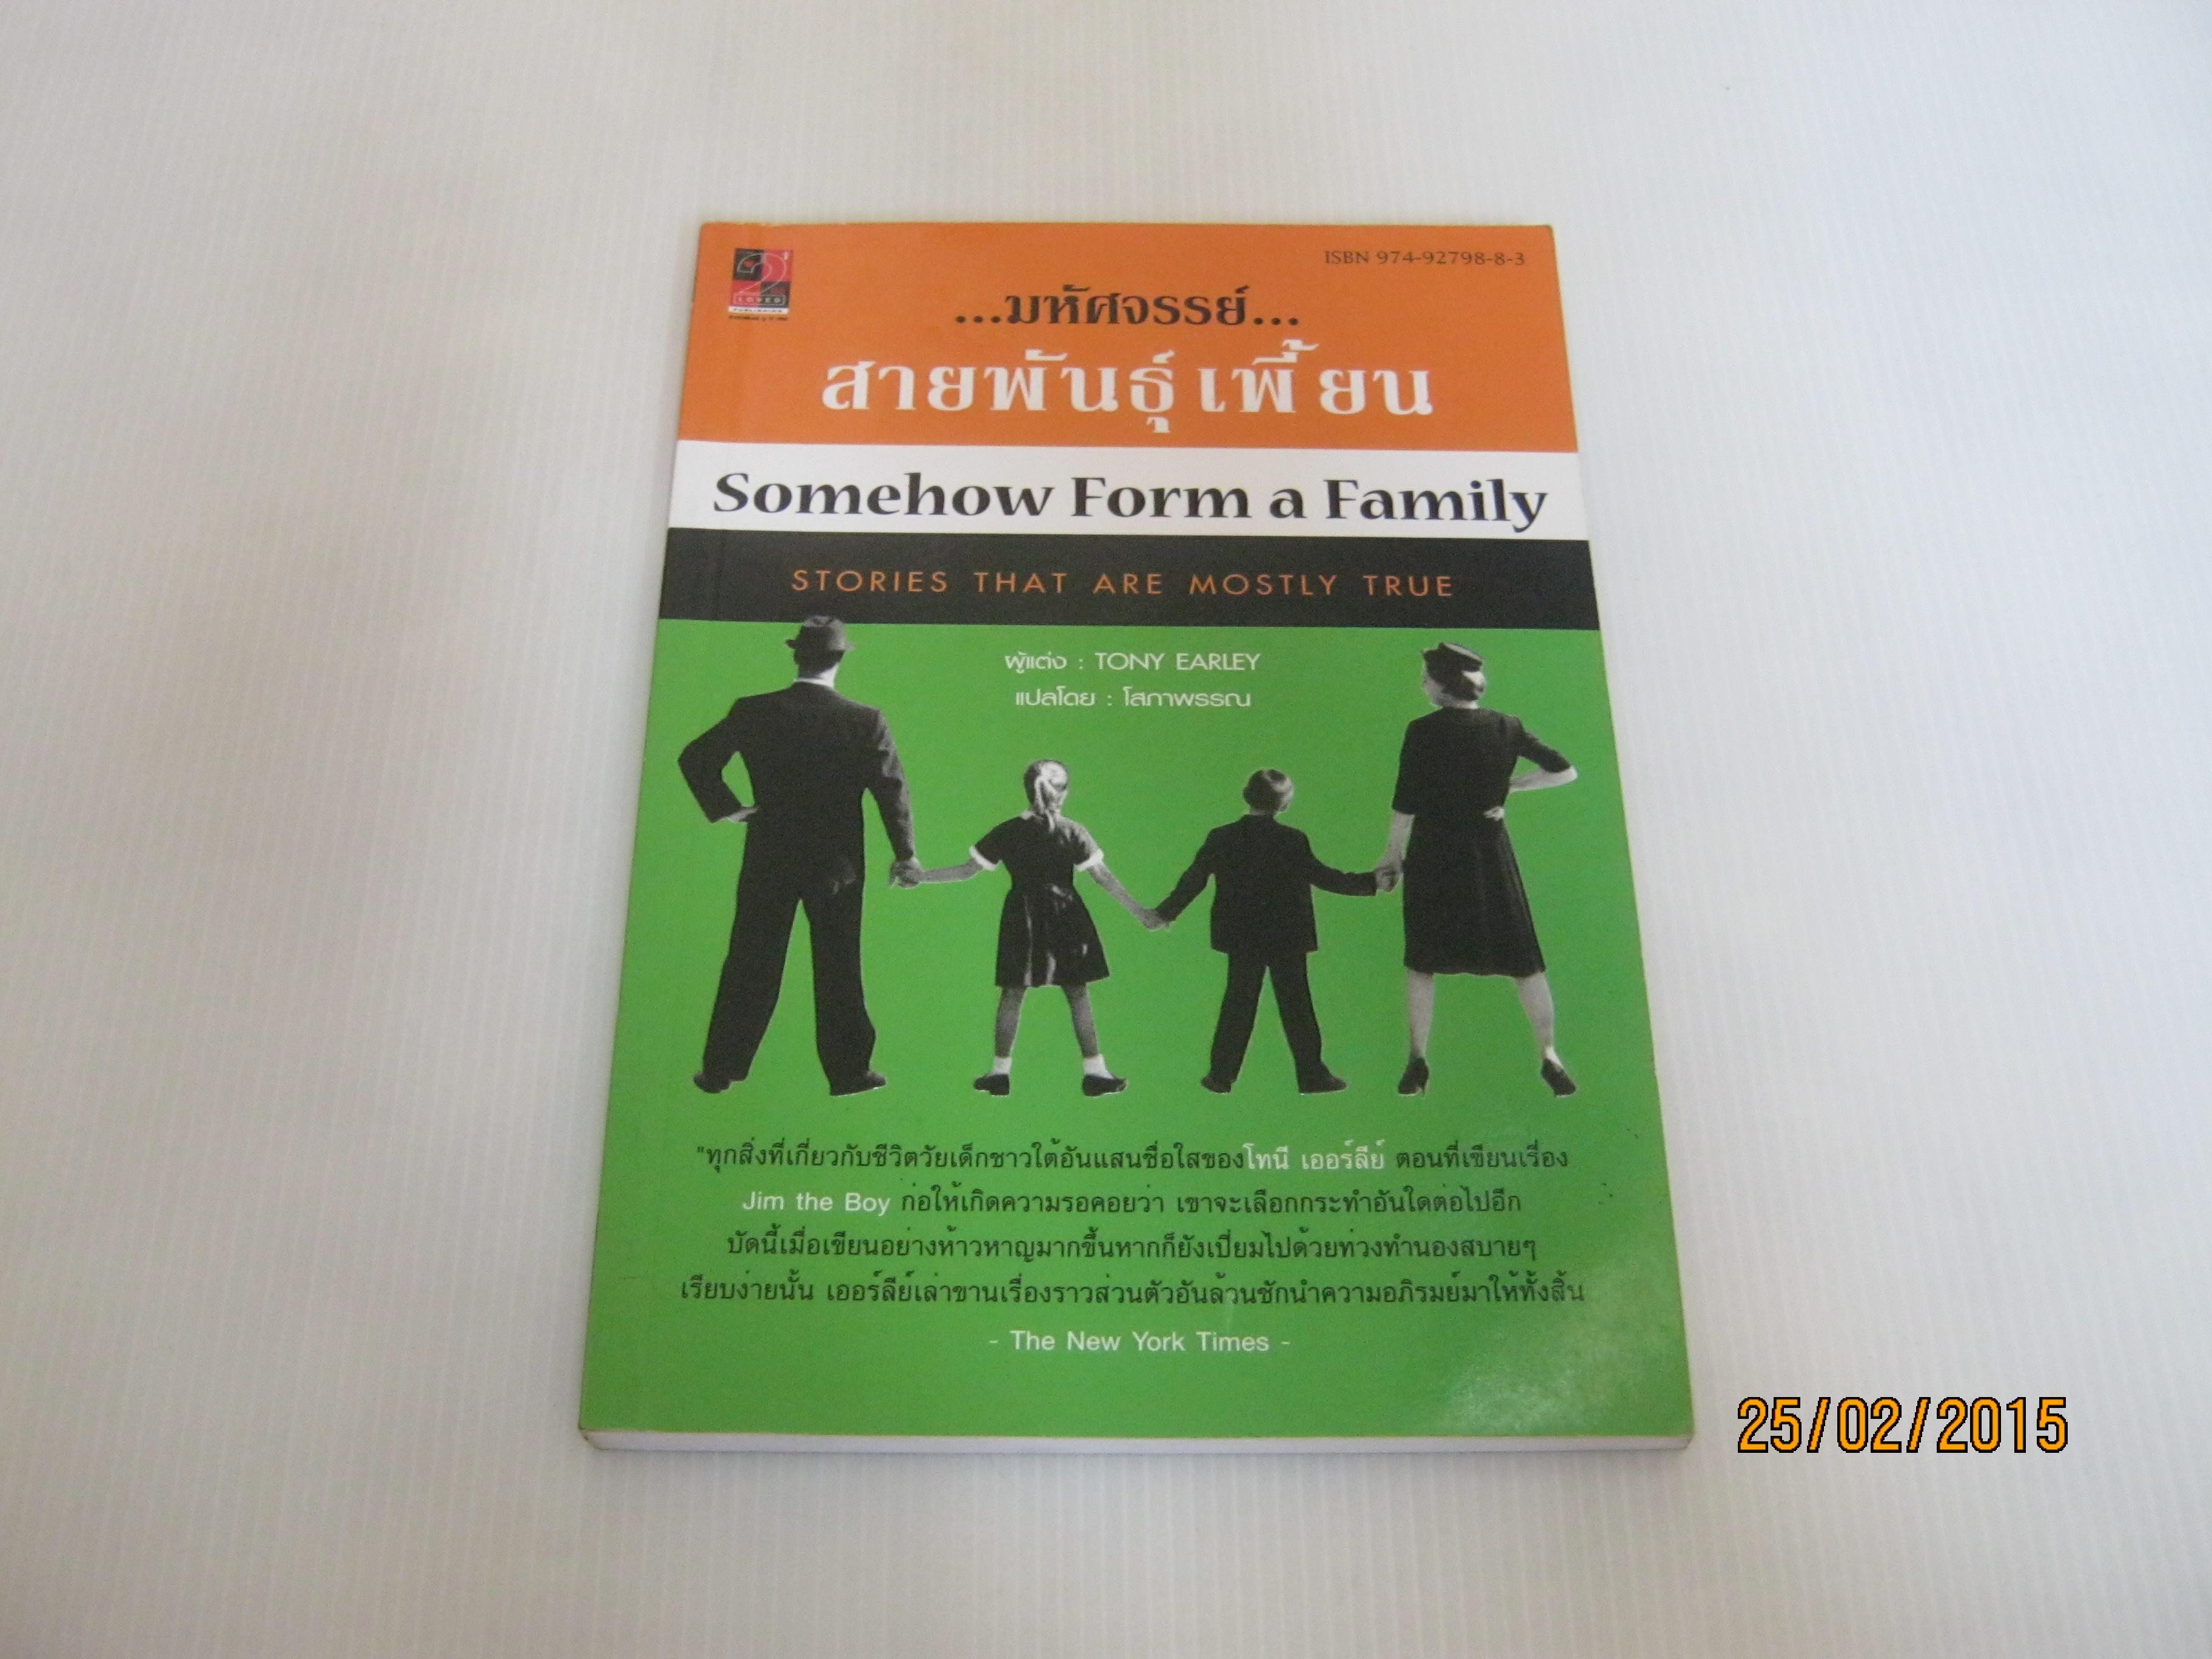 ...มหัศจรรย์...สายพันธุ์เพี้ยน (Somehow From a Family) Tony Earley เขียน โสภาพรรณ แปล